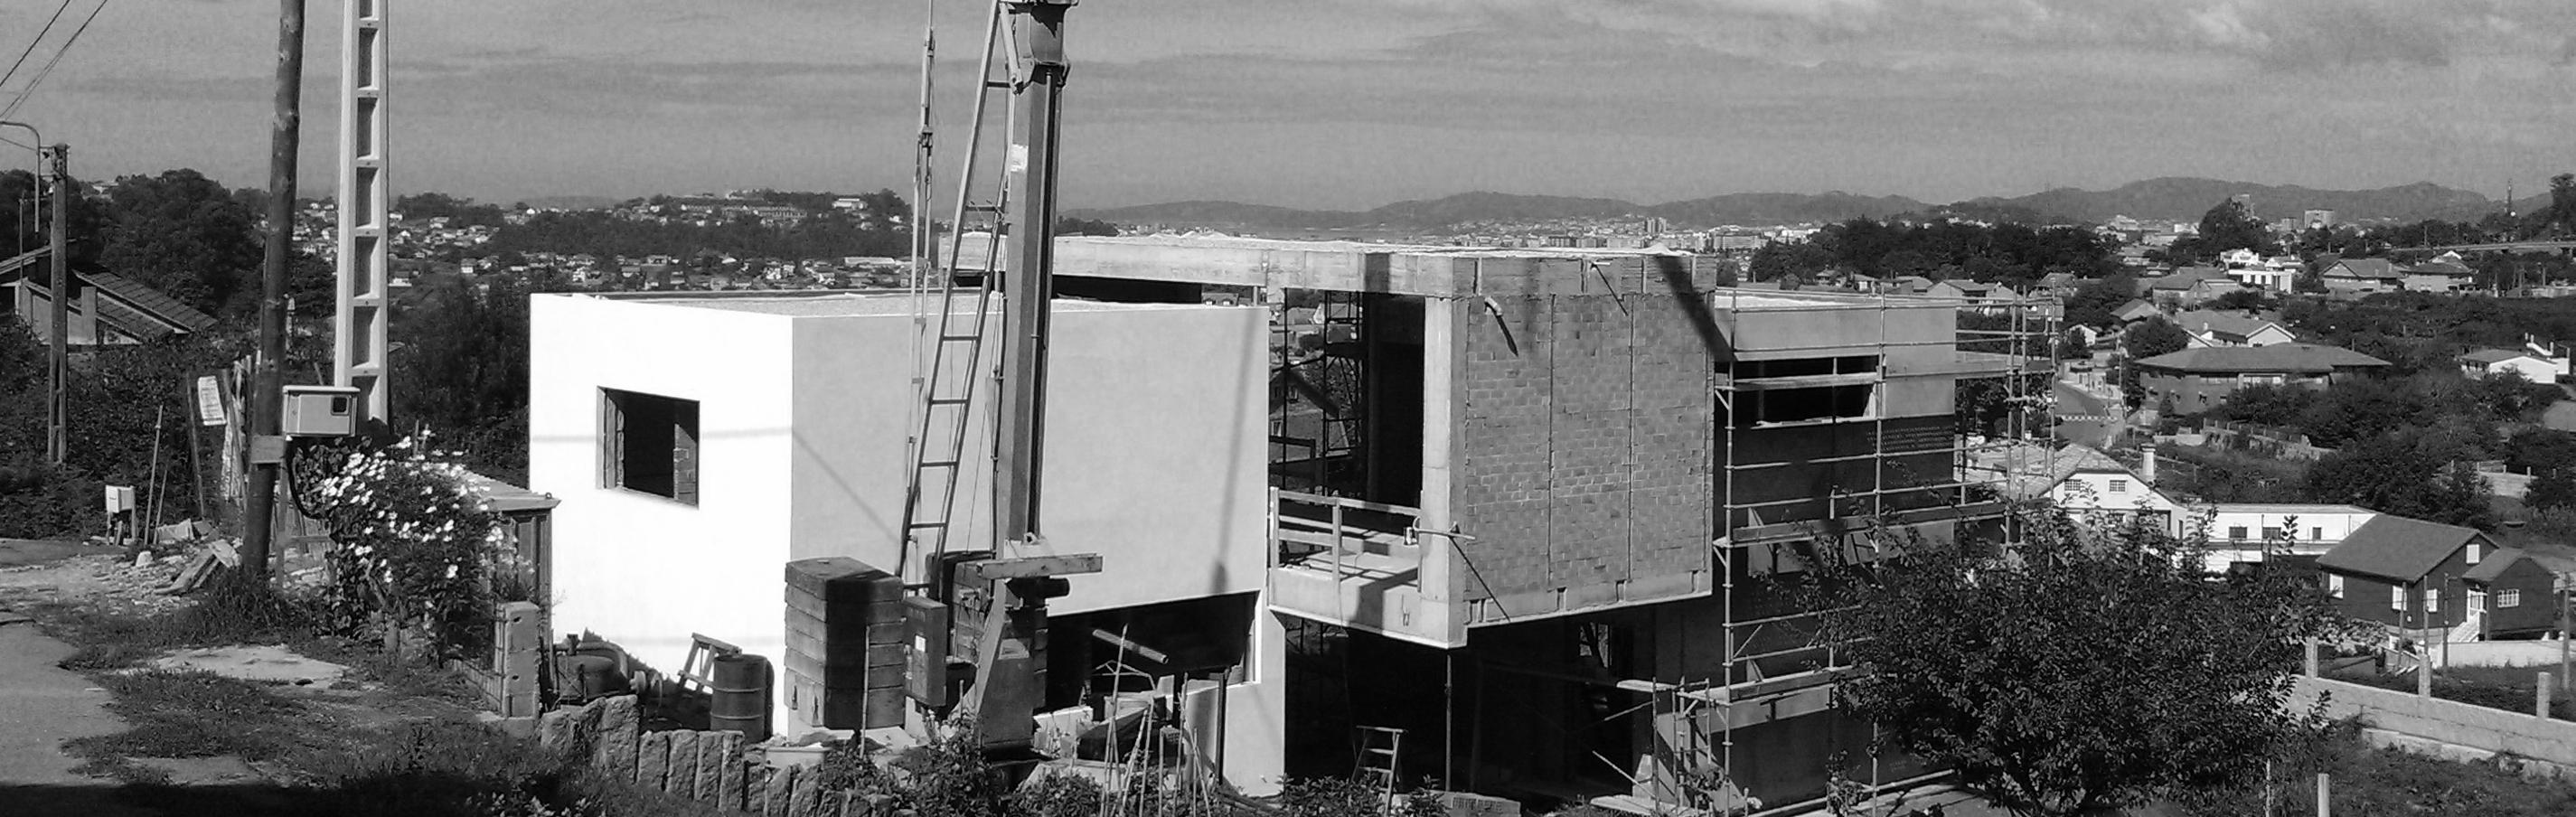 Construcci n de m dulos y voladizos casa en vigo - Estudios de arquitectura vigo ...